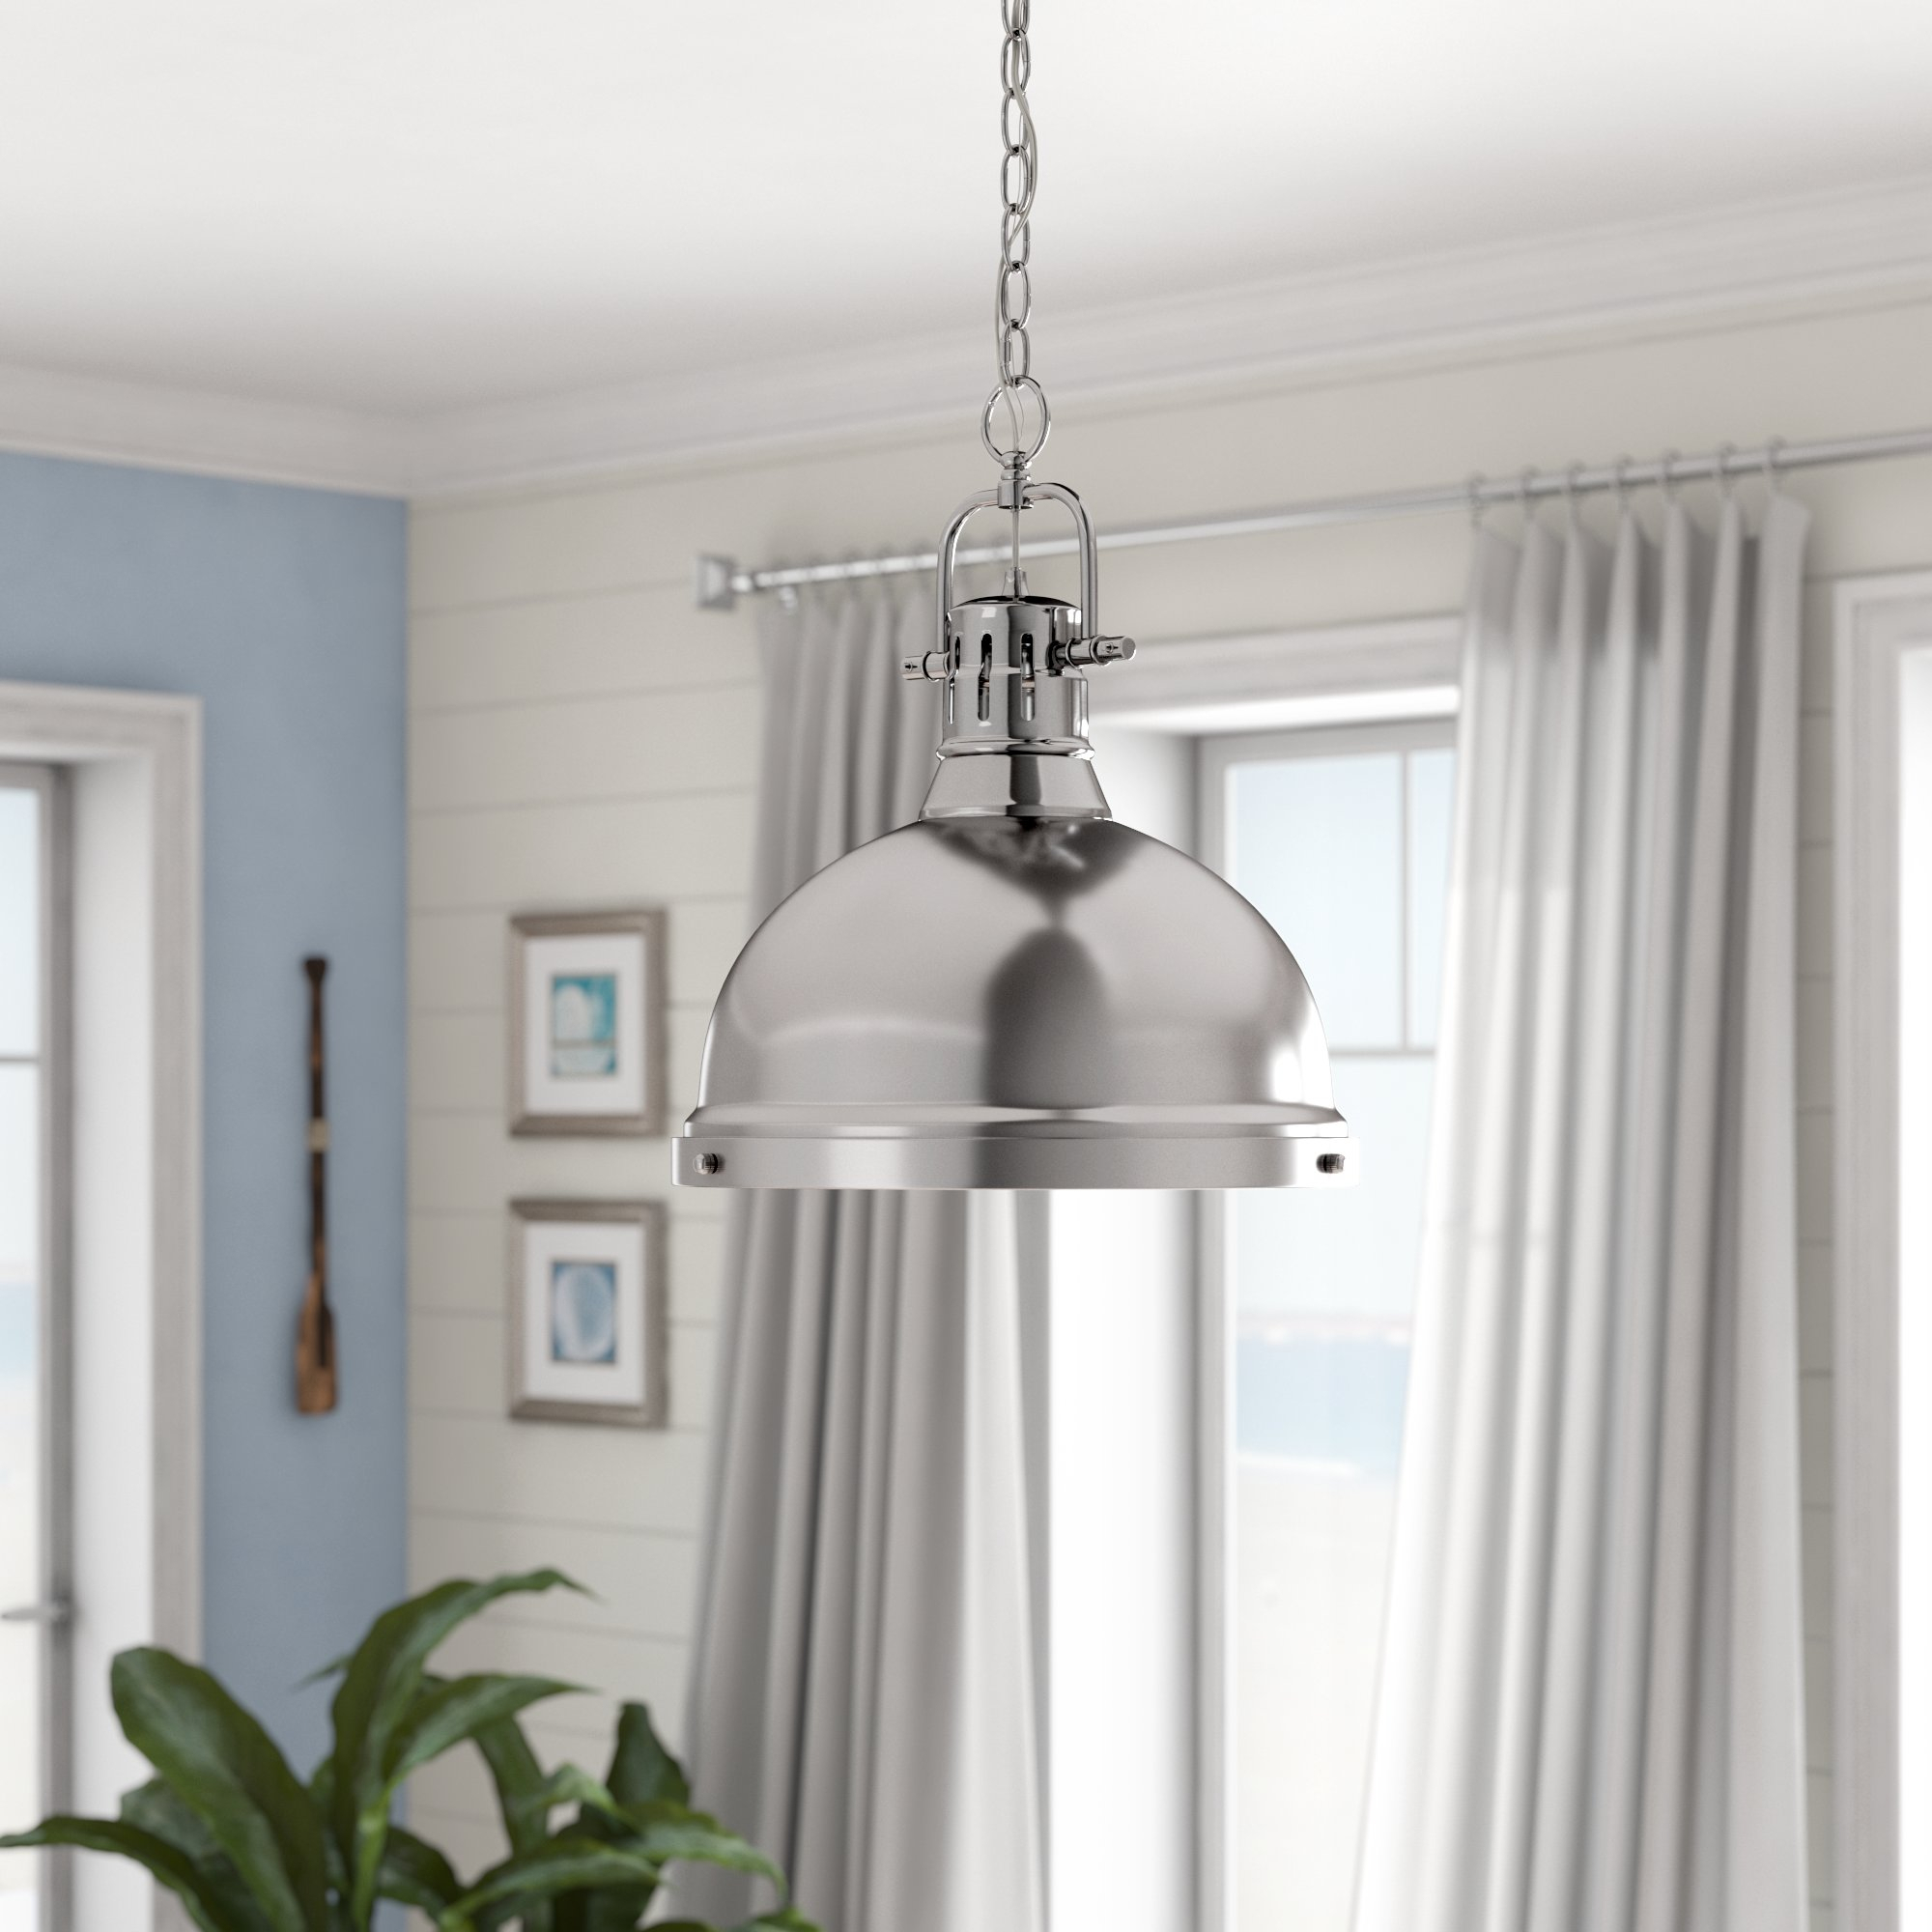 Bodalla 1-Light Single Dome Pendant for Priston 1-Light Single Dome Pendants (Image 6 of 30)